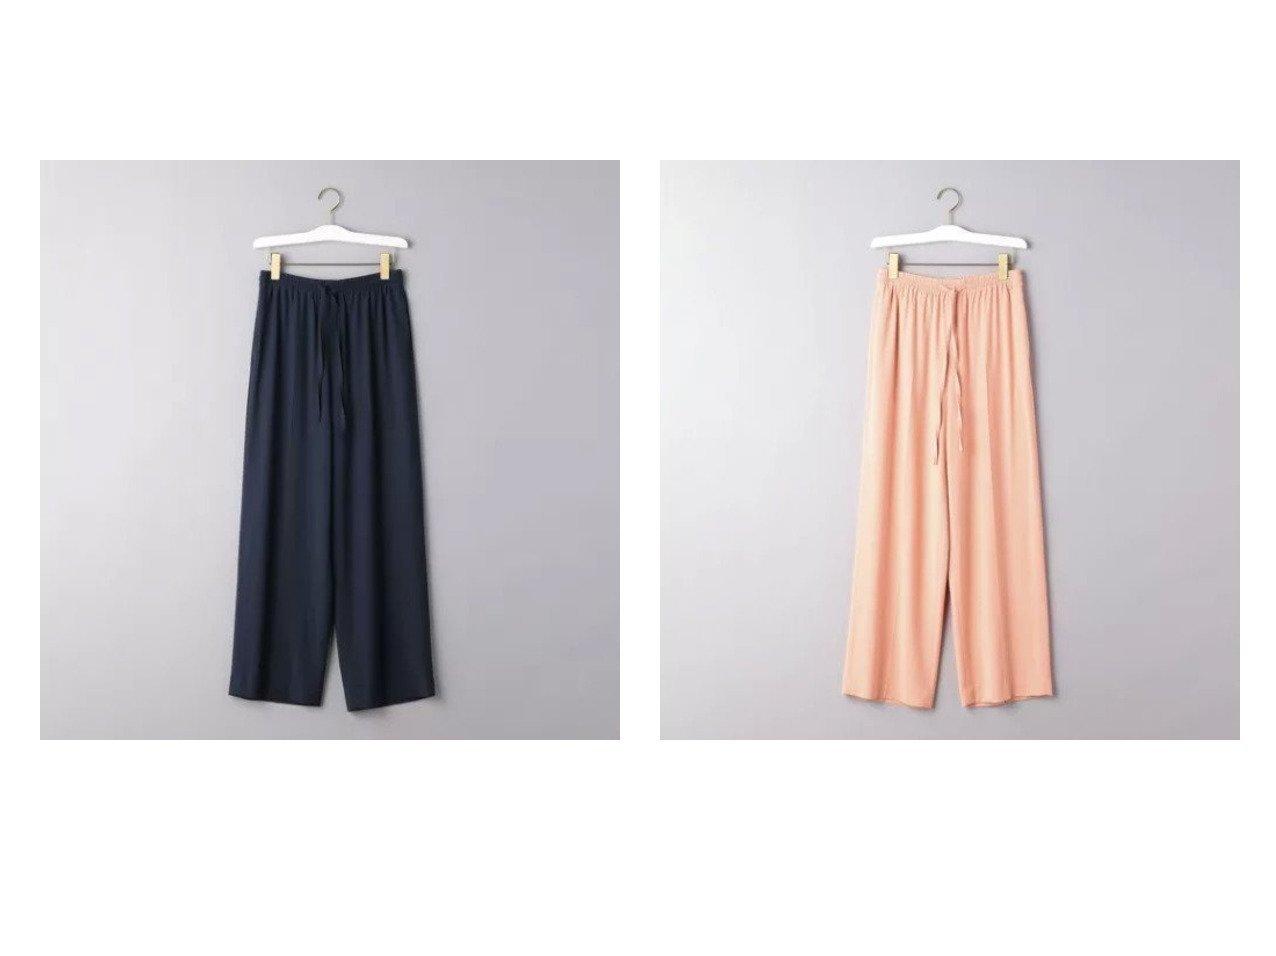 【UNITED ARROWS/ユナイテッドアローズ】のUBC BIANCO ドローストイングパンツ パンツのおすすめ!人気、トレンド・レディースファッションの通販 おすすめで人気の流行・トレンド、ファッションの通販商品 メンズファッション・キッズファッション・インテリア・家具・レディースファッション・服の通販 founy(ファニー) https://founy.com/ ファッション Fashion レディースファッション WOMEN パンツ Pants イタリア センター バランス ワイド |ID:crp329100000025262